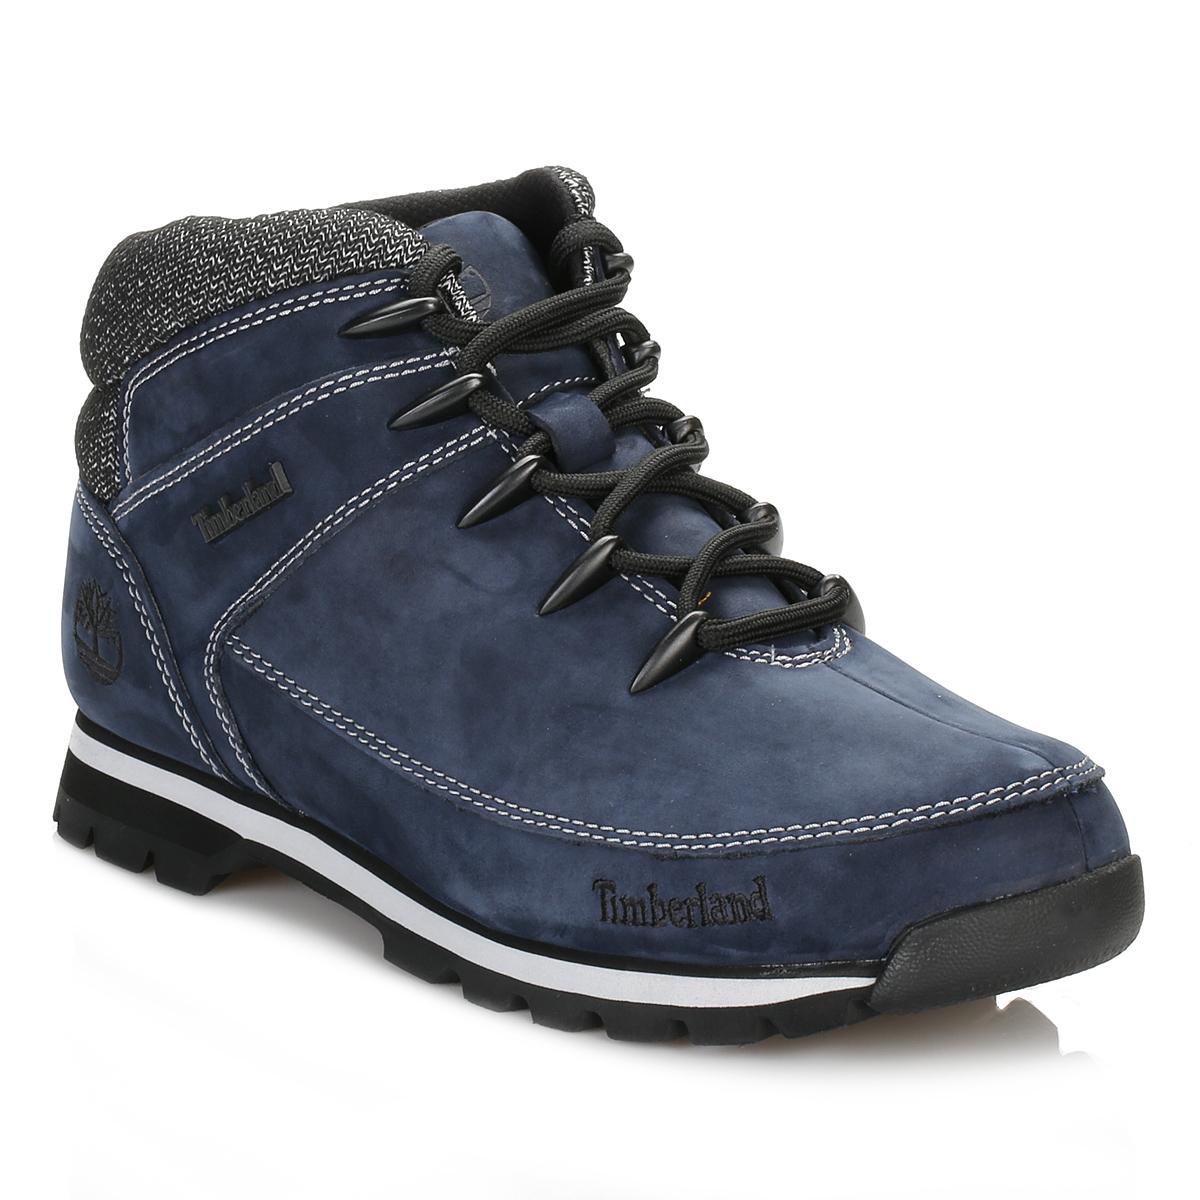 timberland mens hiker boots navy blue sprint